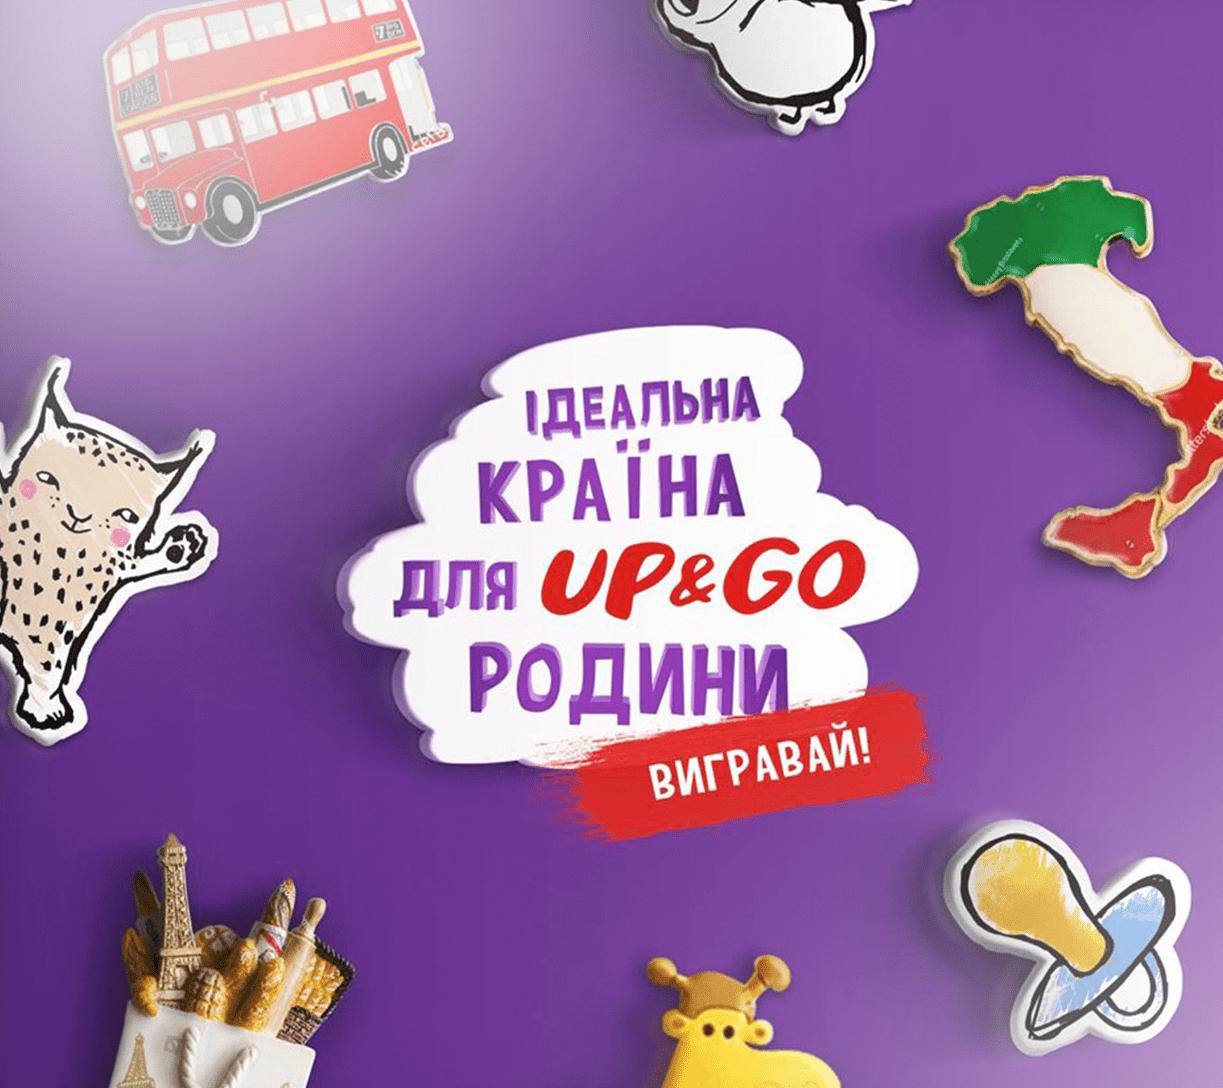 ОТПУСК МЕЧТЫ С LIBERO UP&GO